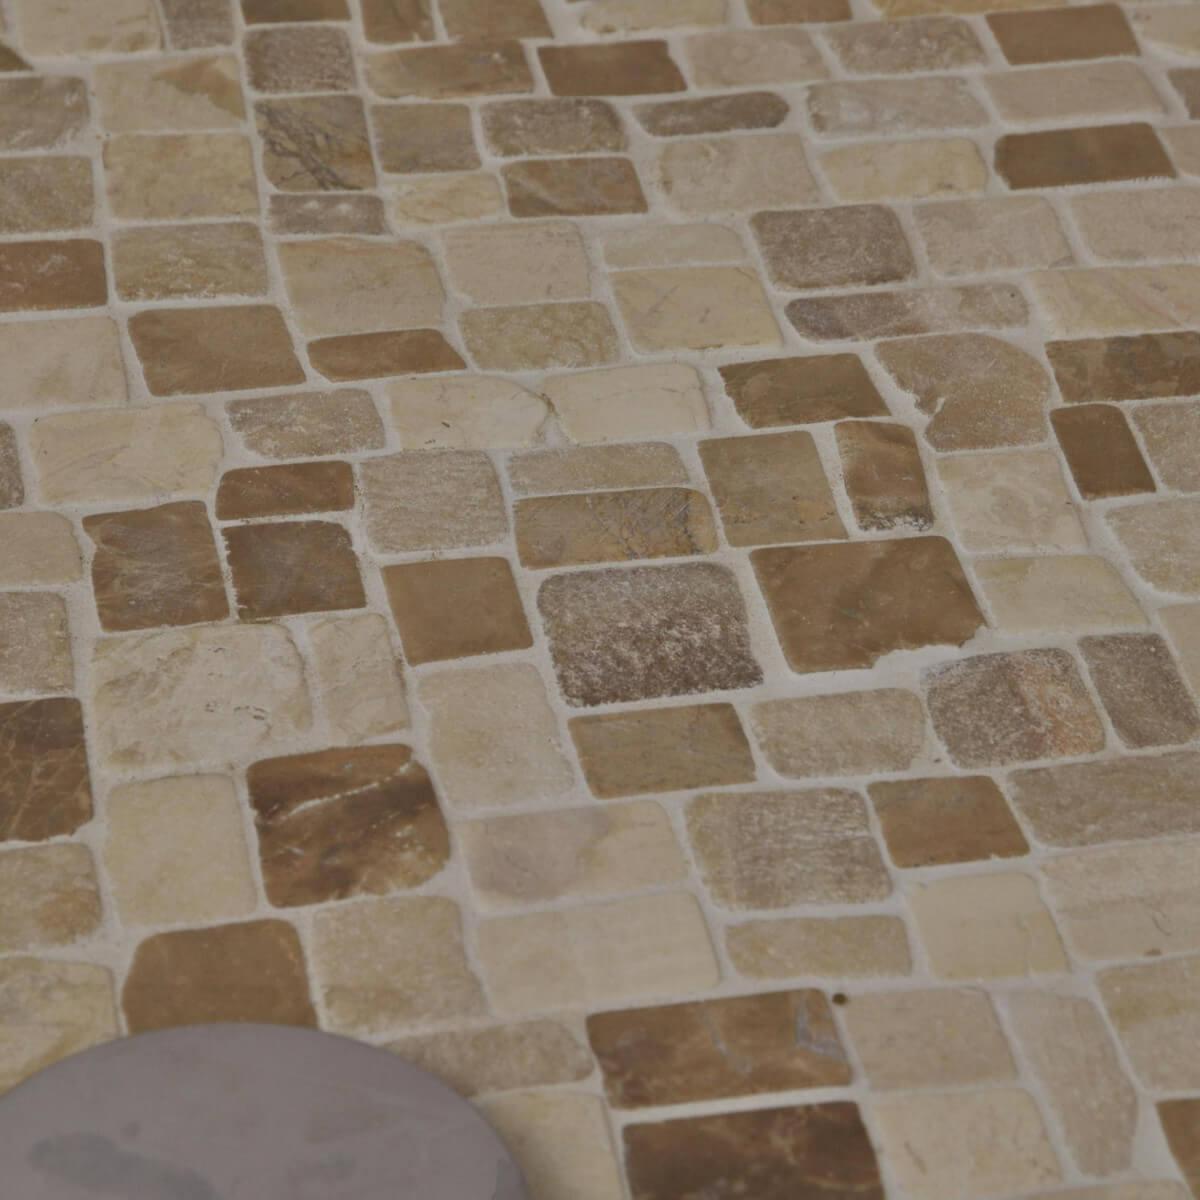 Rev tement mosa que en pierre onyx cr me for Mosaique exterieur